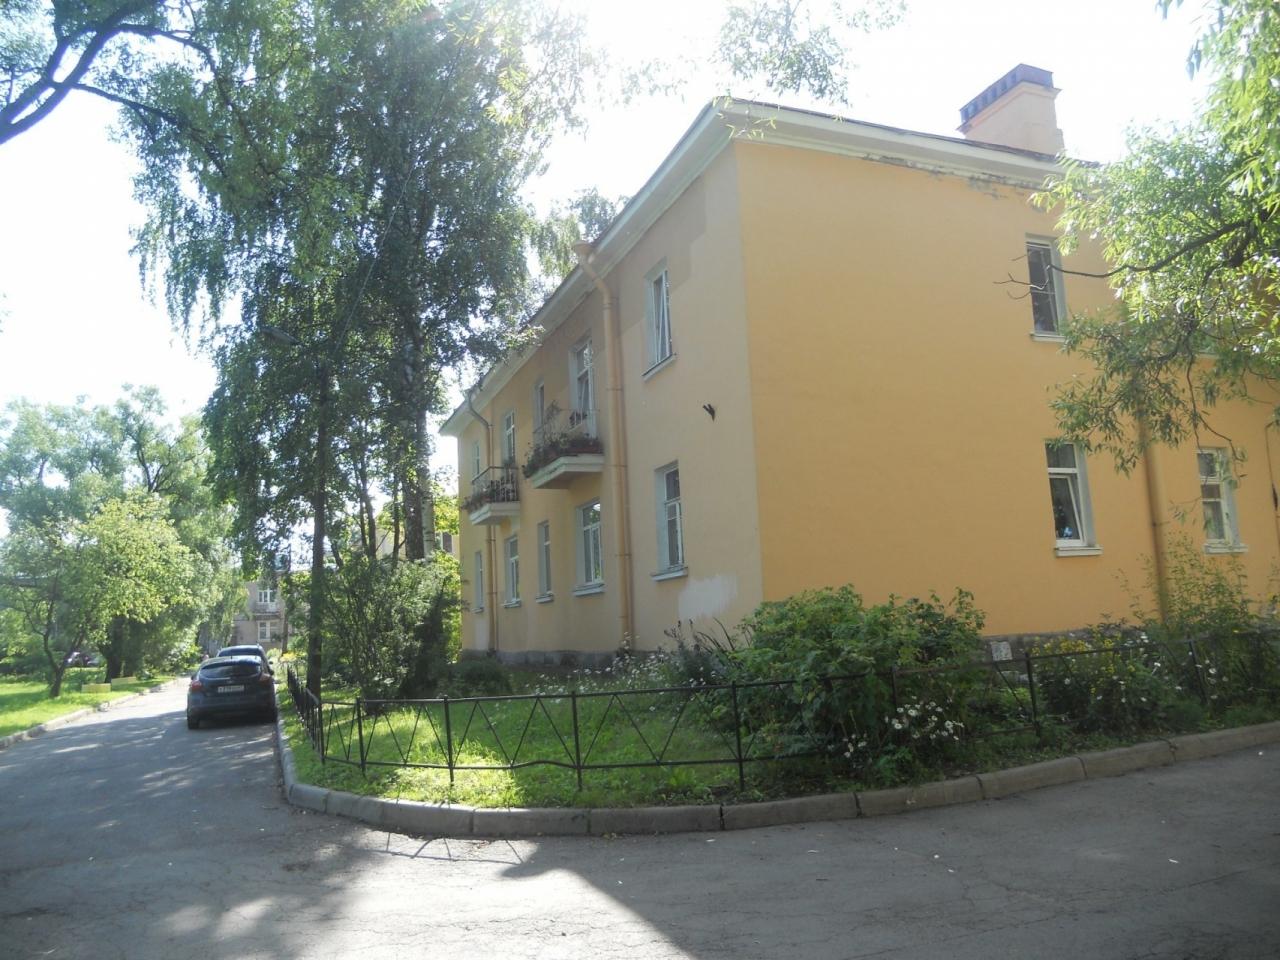 http://arendaspb24.pro.bkn.ru/images/s_big/d9b8d82d-fde6-11e7-b300-448a5bd44c07.jpg